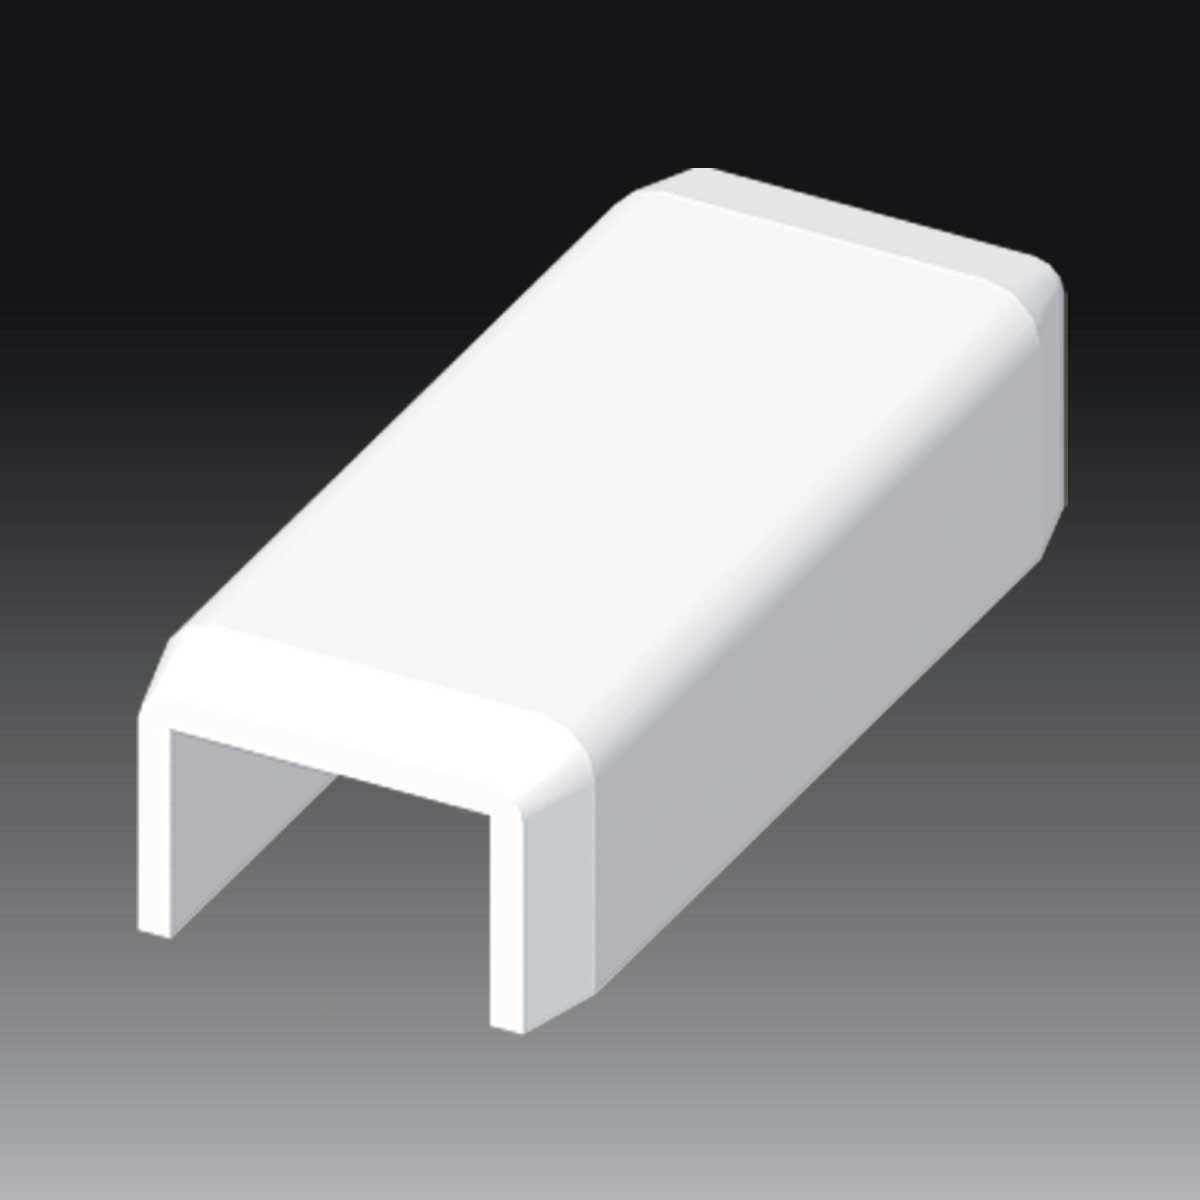 З'єднувач до LH 15х10  білого кольору; Серія LH; ПВХ